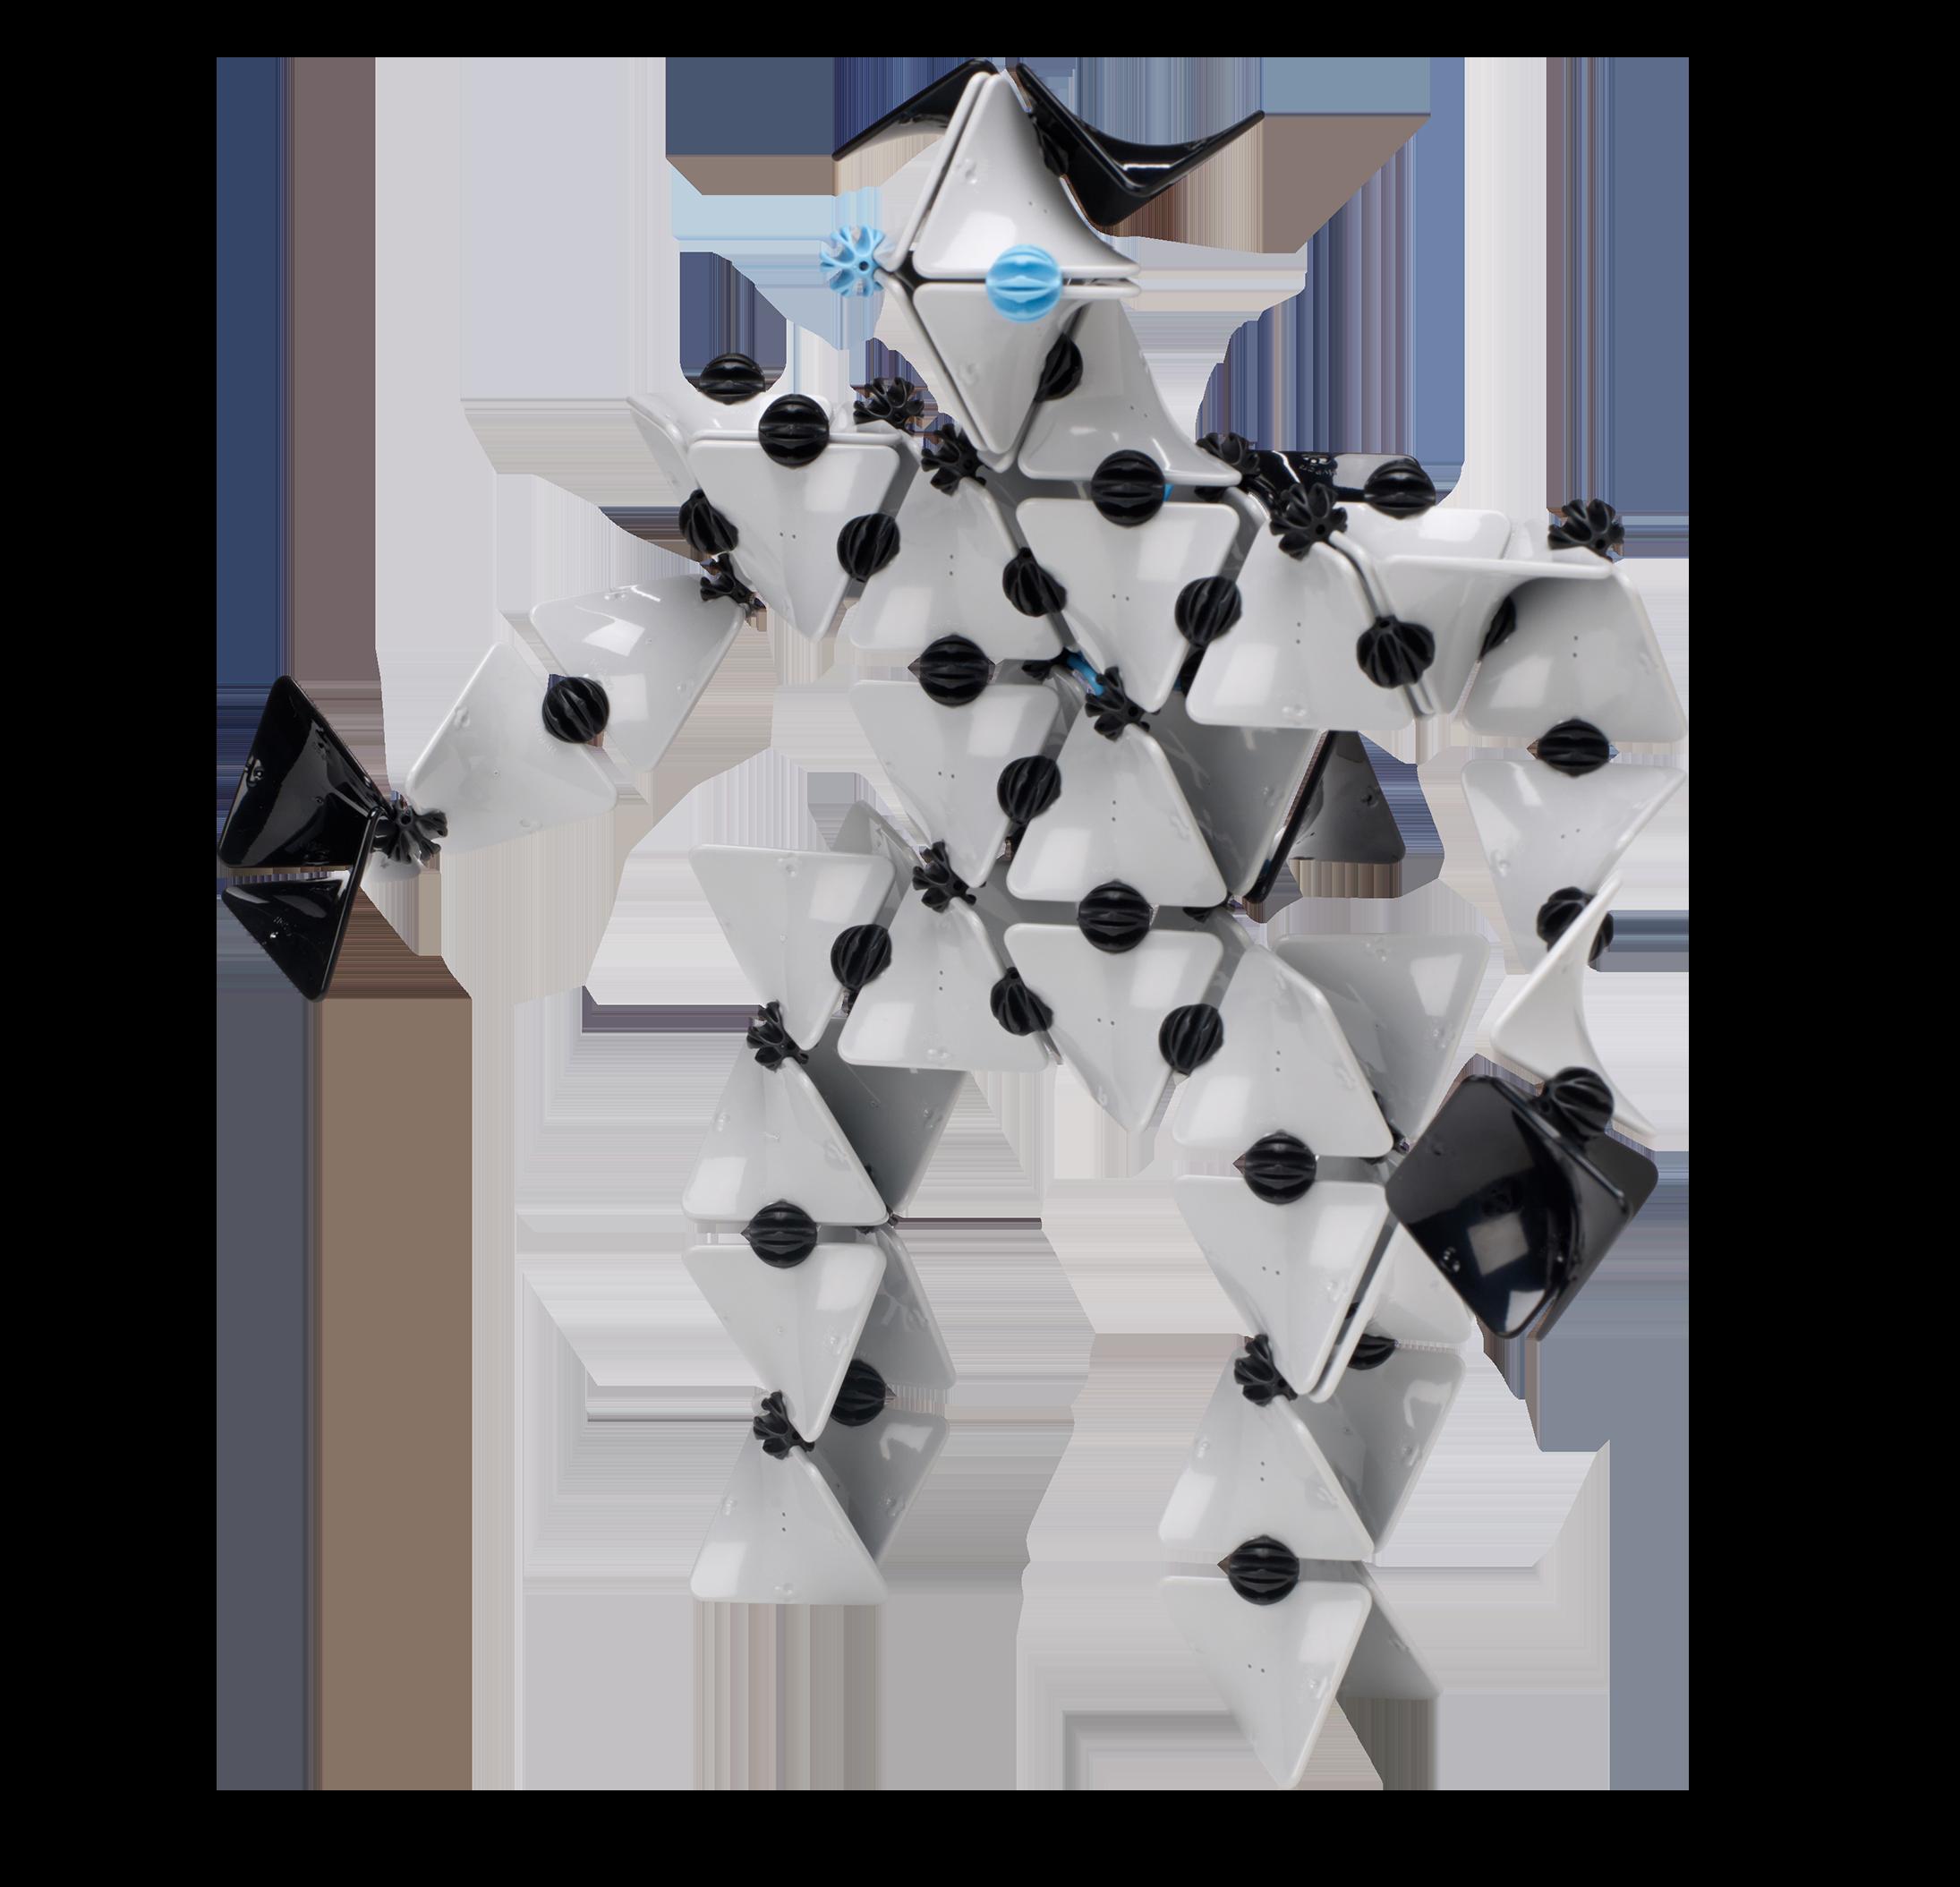 HyPar Robot -